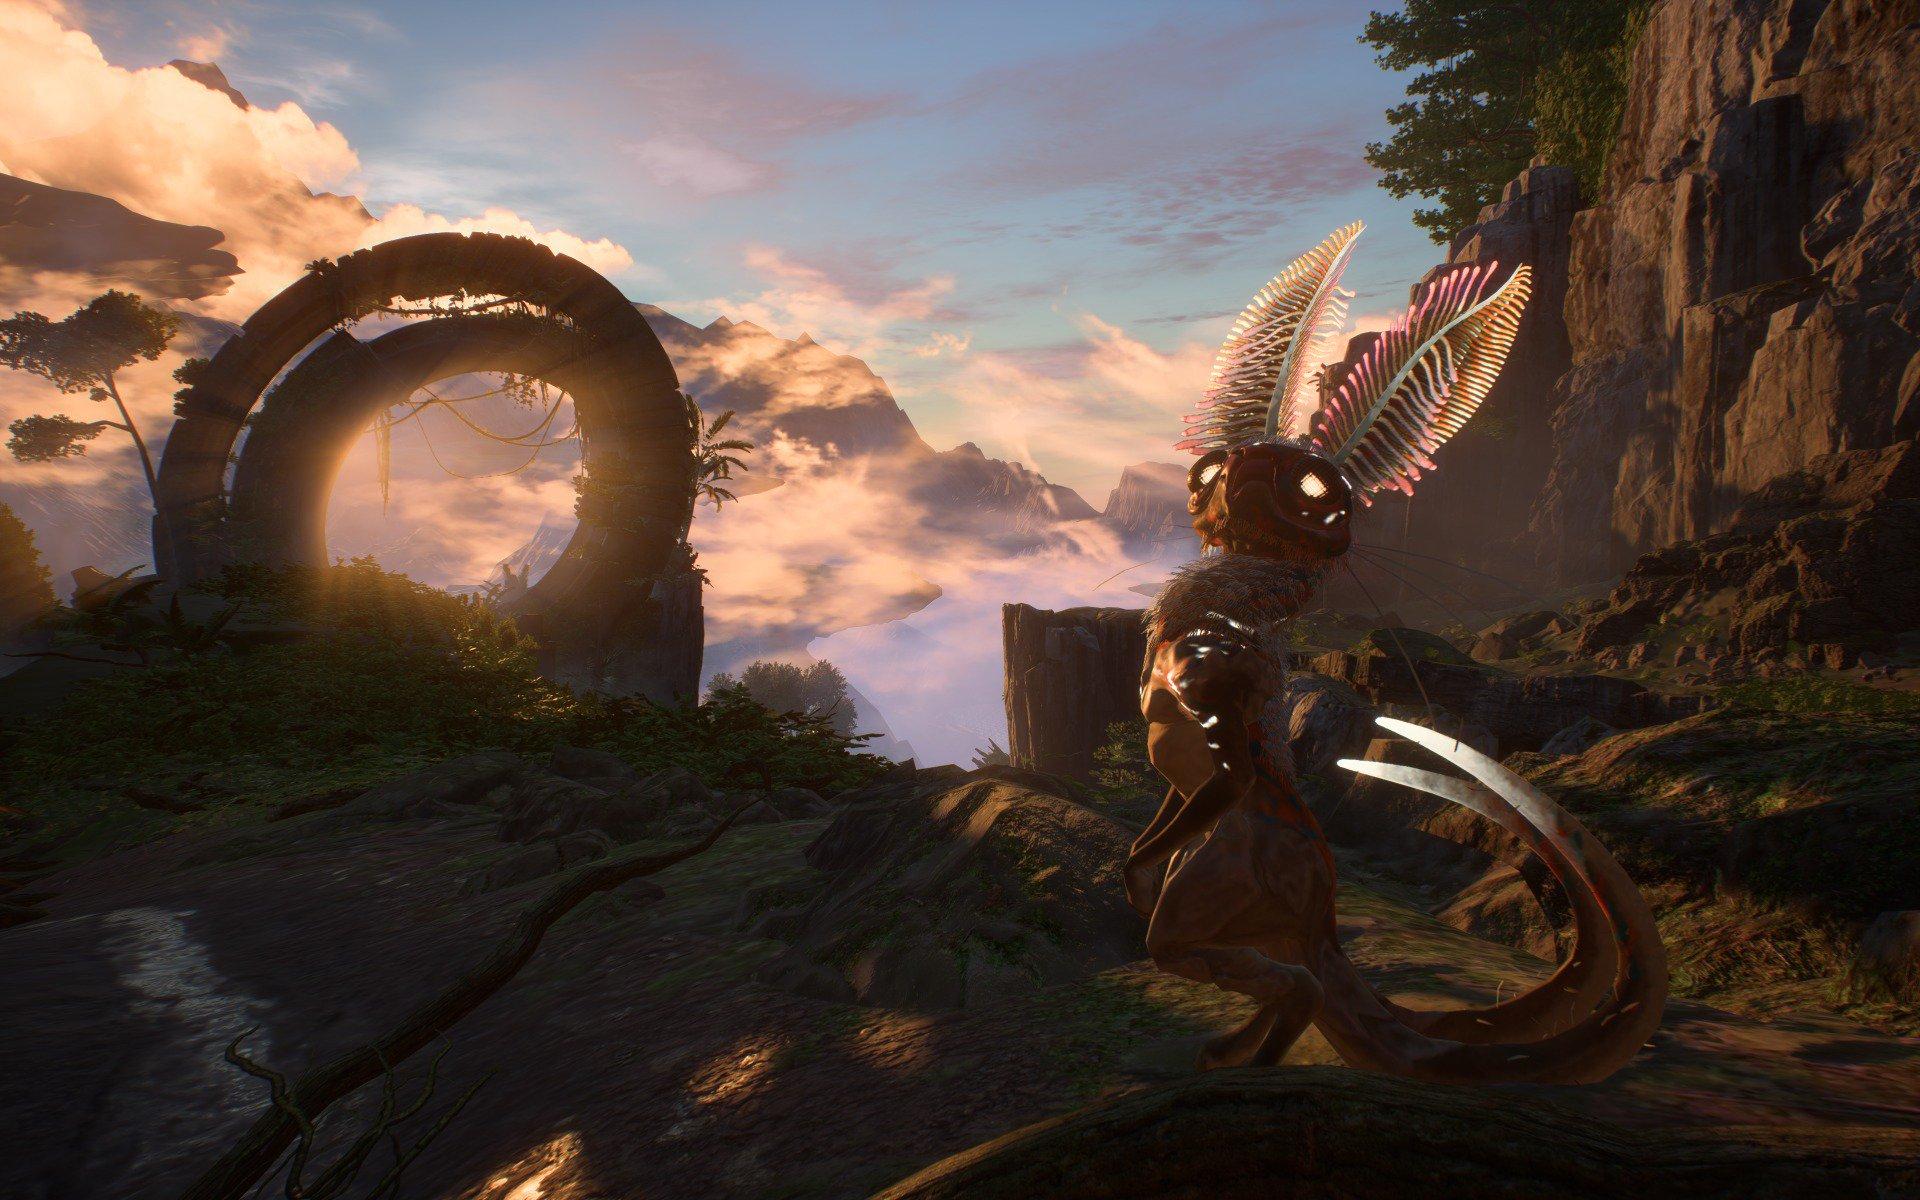 《圣歌》精美新截图发布 展示新的环境和敌人